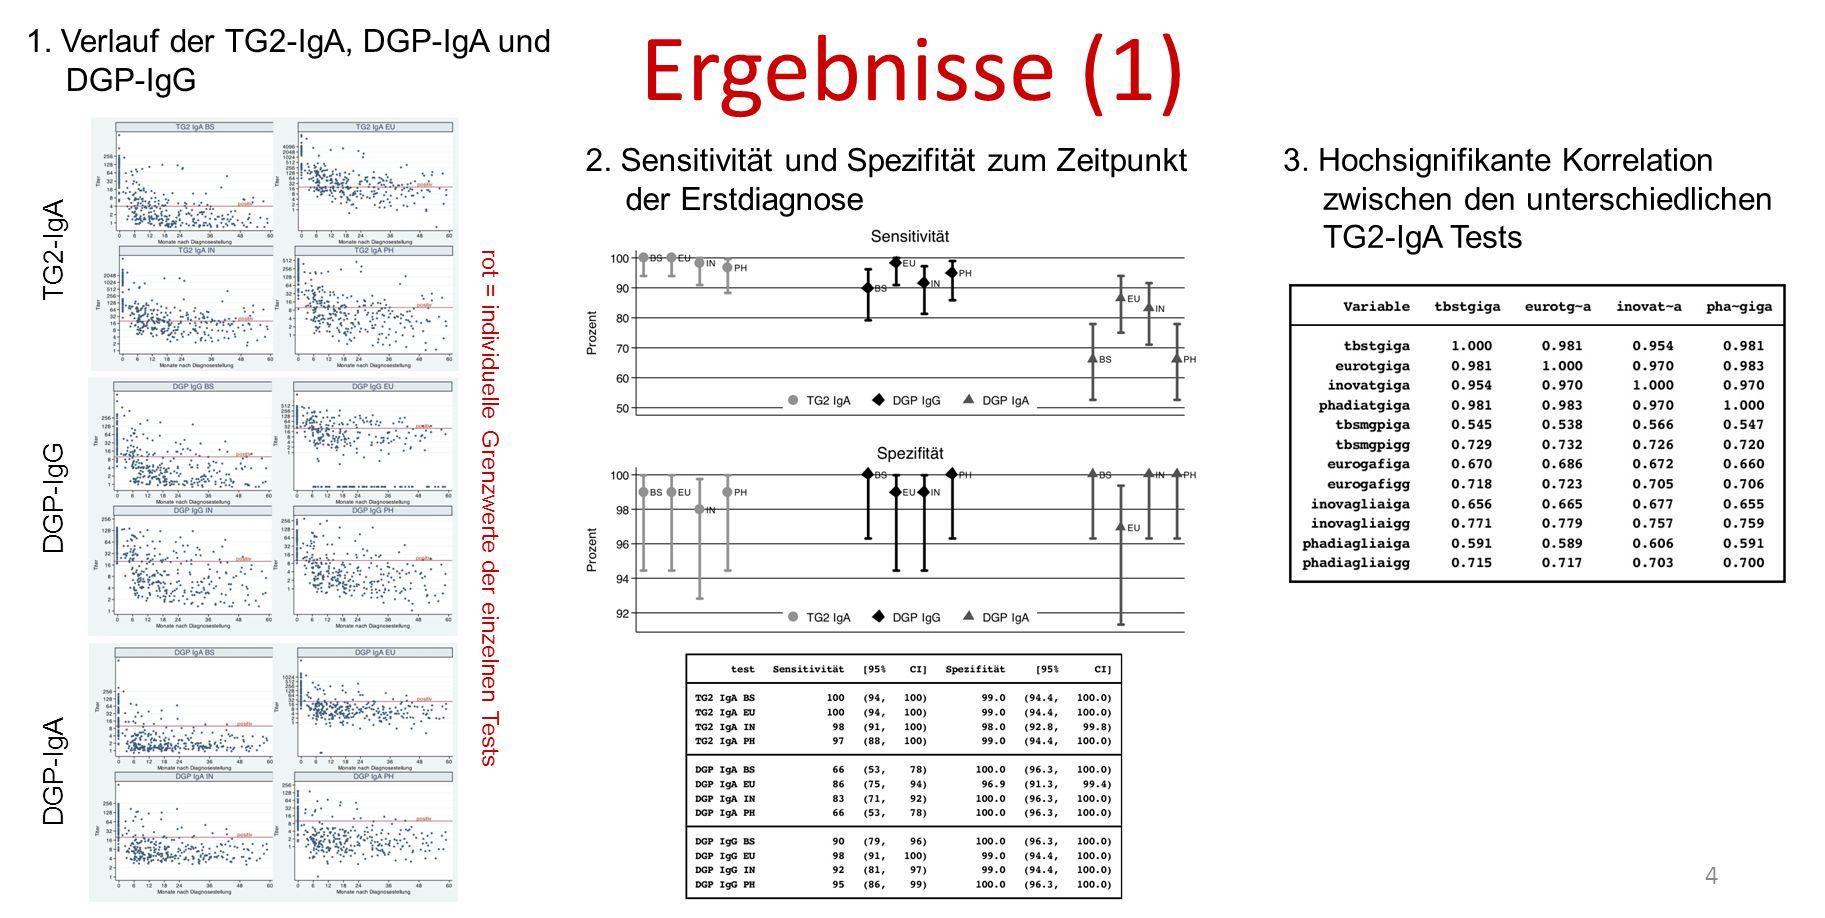 Ergebnisse (1) 4 2. Sensitivität und Spezifität zum Zeitpunkt der Erstdiagnose 3. Hochsignifikante Korrelation zwischen den unterschiedlichen TG2-IgA